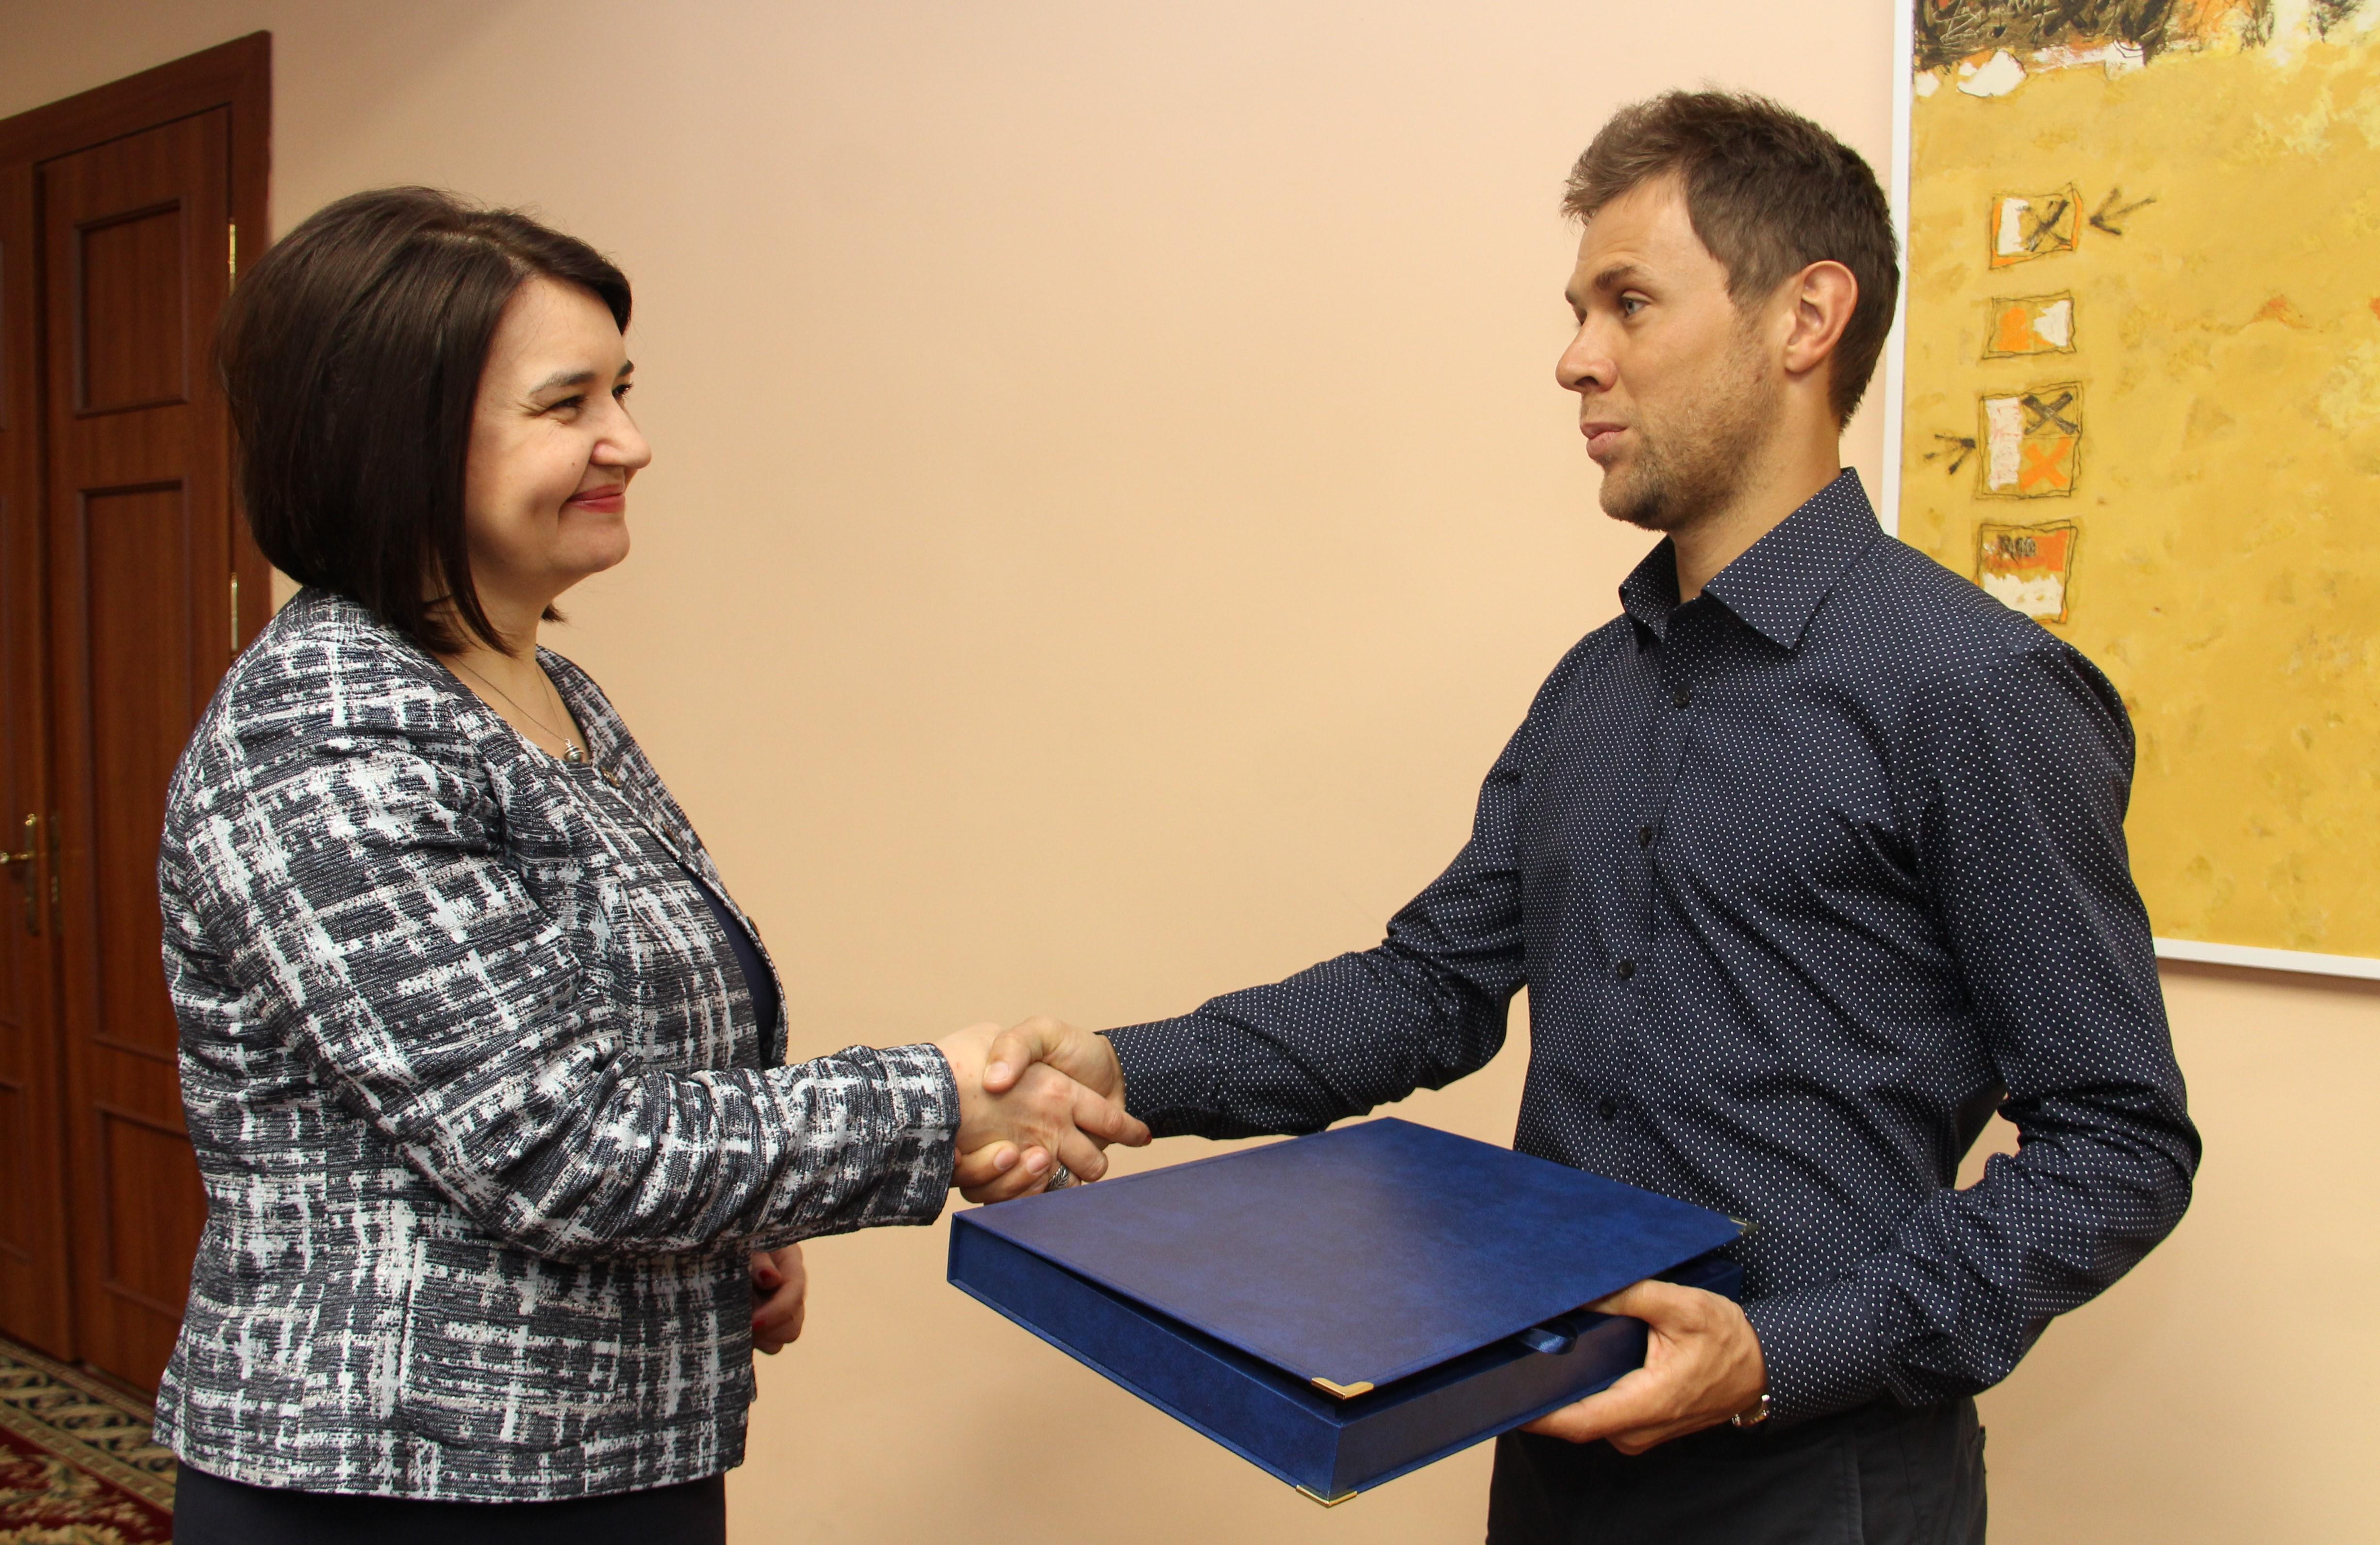 Tenismanul Radu Albot a fost premiat de ministra Monica Babuc, 50 000 de lei pentru succesele obținute în SUA, guvernul filip, pdm plahotniuc, partidul democrat din moldova, sport moldova